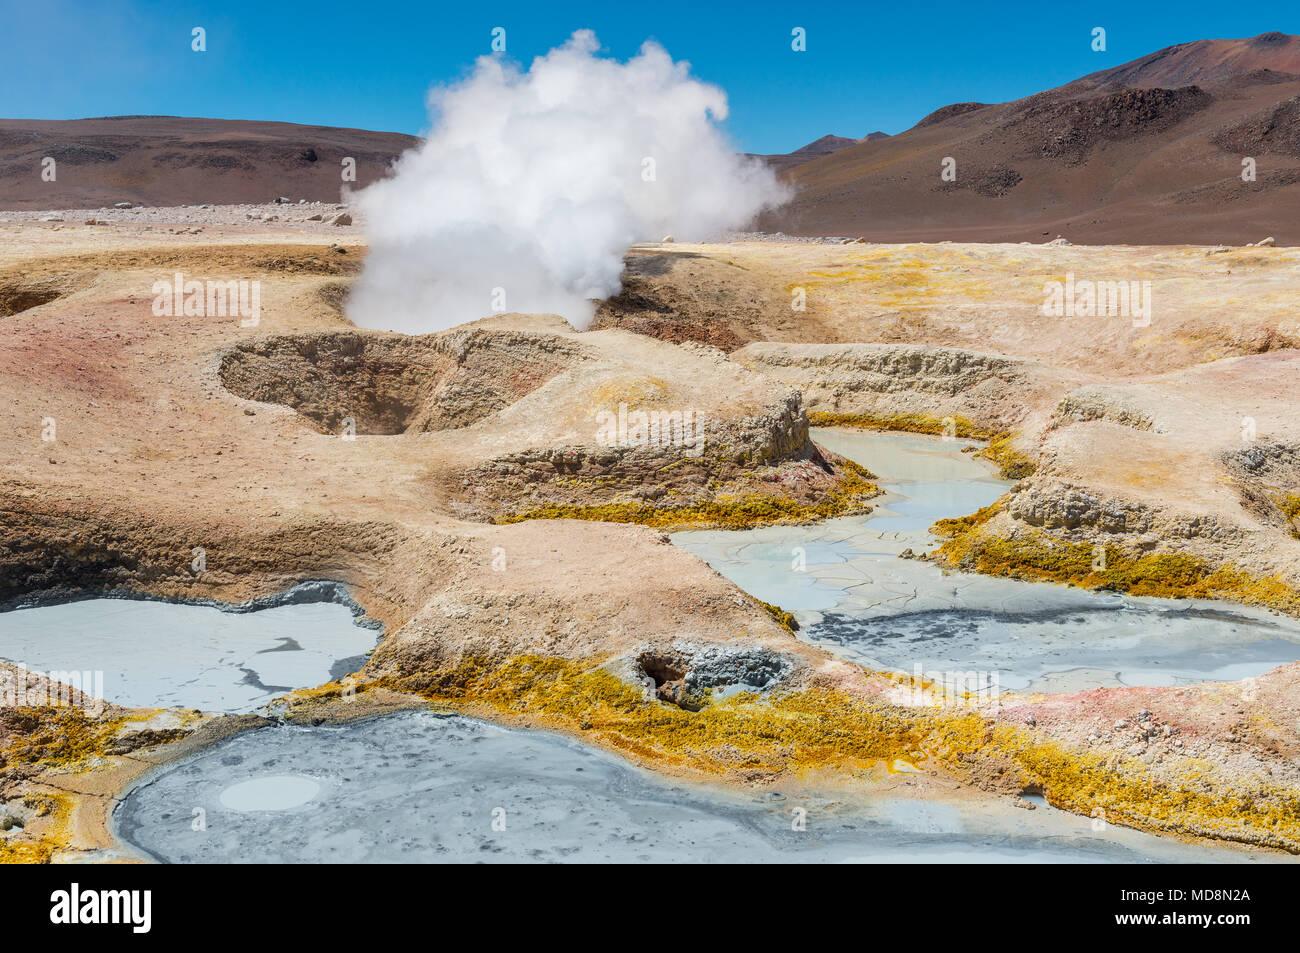 La actividad volcánica de Sol de Mañana en Bolivia cerca de la frontera con Chile y el Salar de Uyuni. Podemos ver las piscinas de lodo y fumarolas con vapor de agua. Imagen De Stock